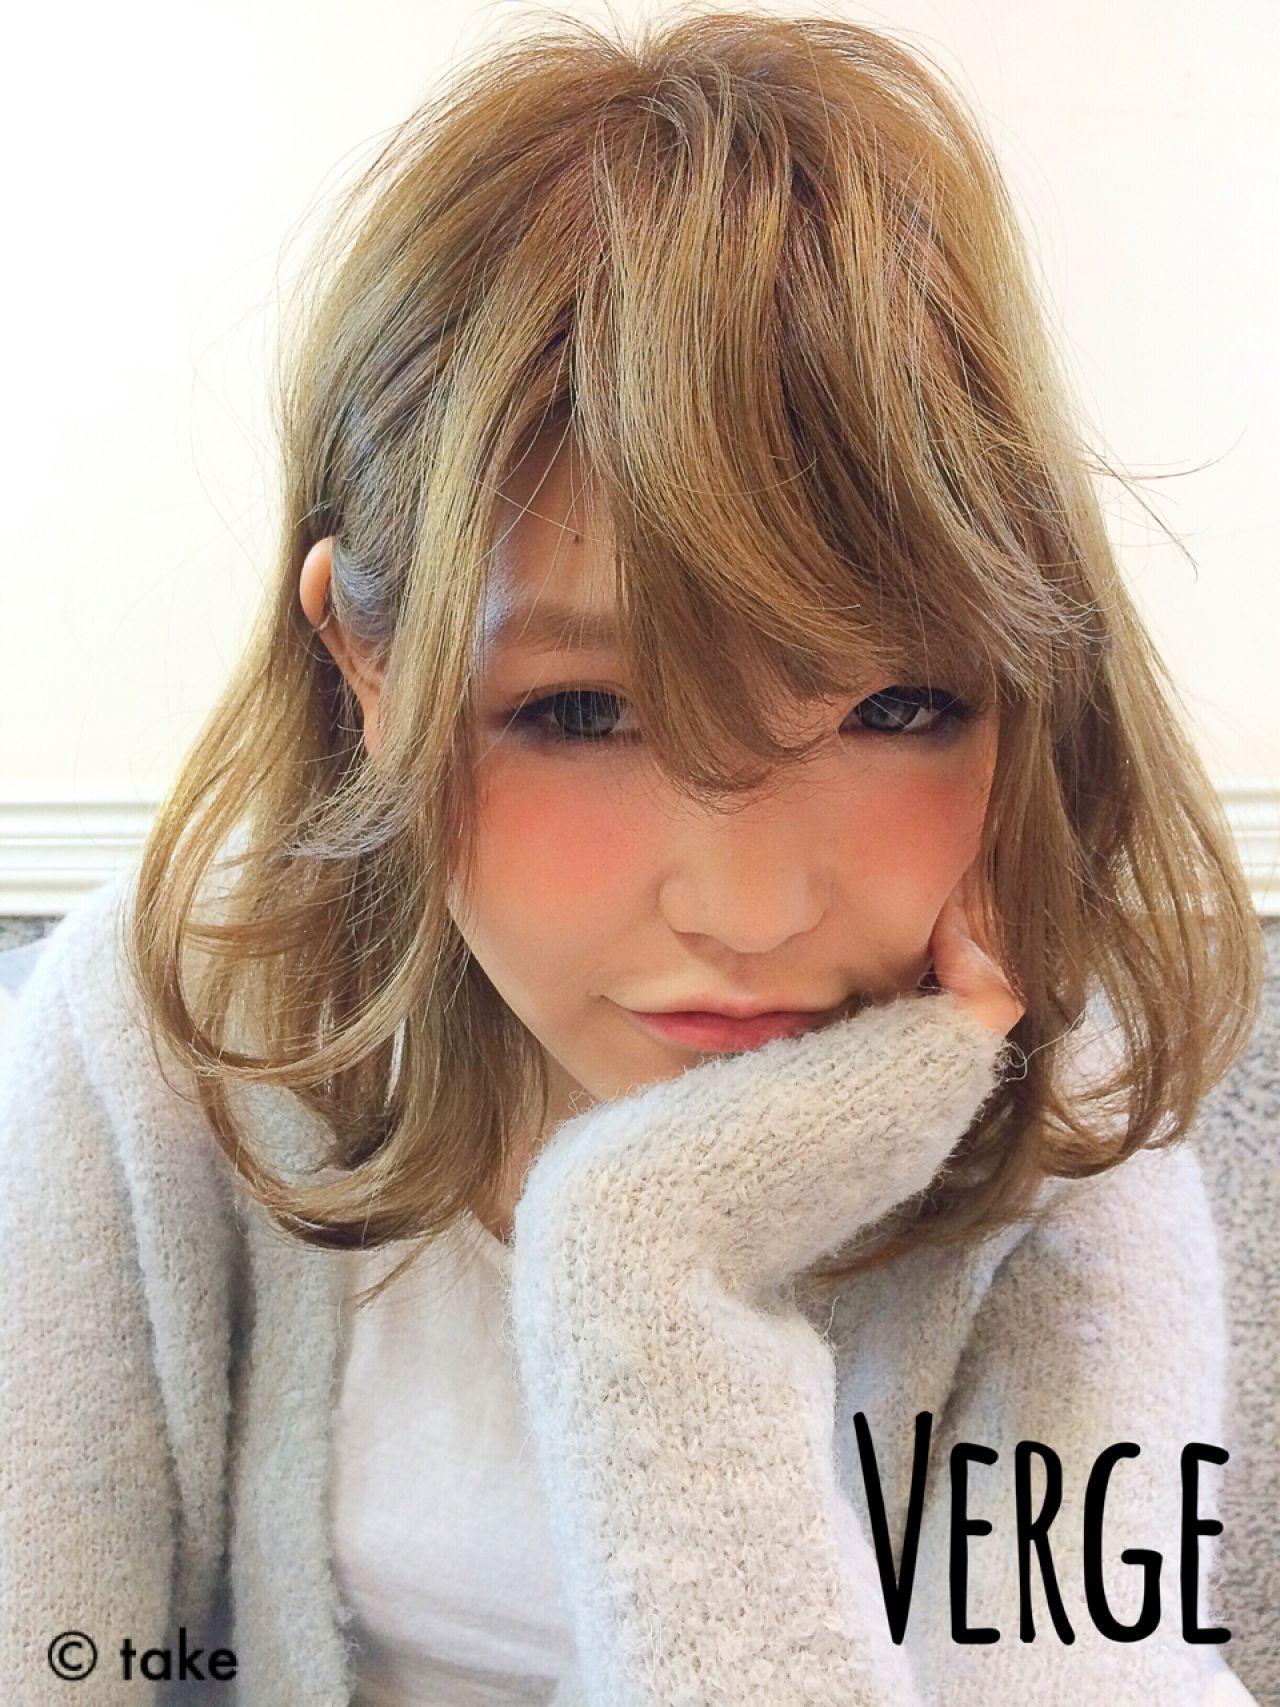 アッシュグレージュ ワンカール ナチュラル 大人かわいい ヘアスタイルや髪型の写真・画像